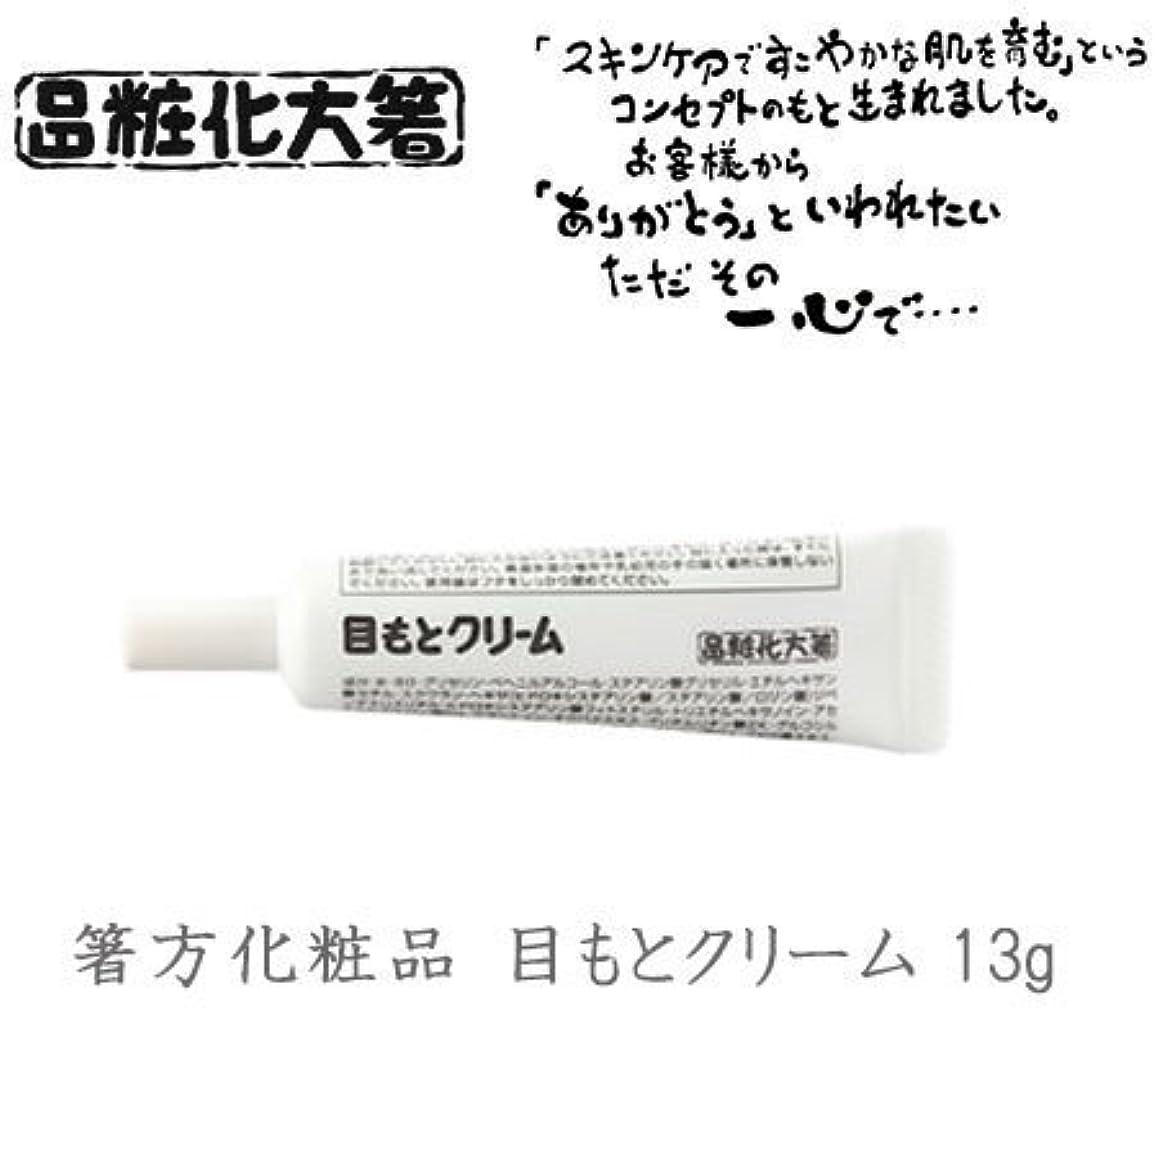 ミシン仕える感謝する箸方化粧品 目もとクリーム 13g はしかた化粧品